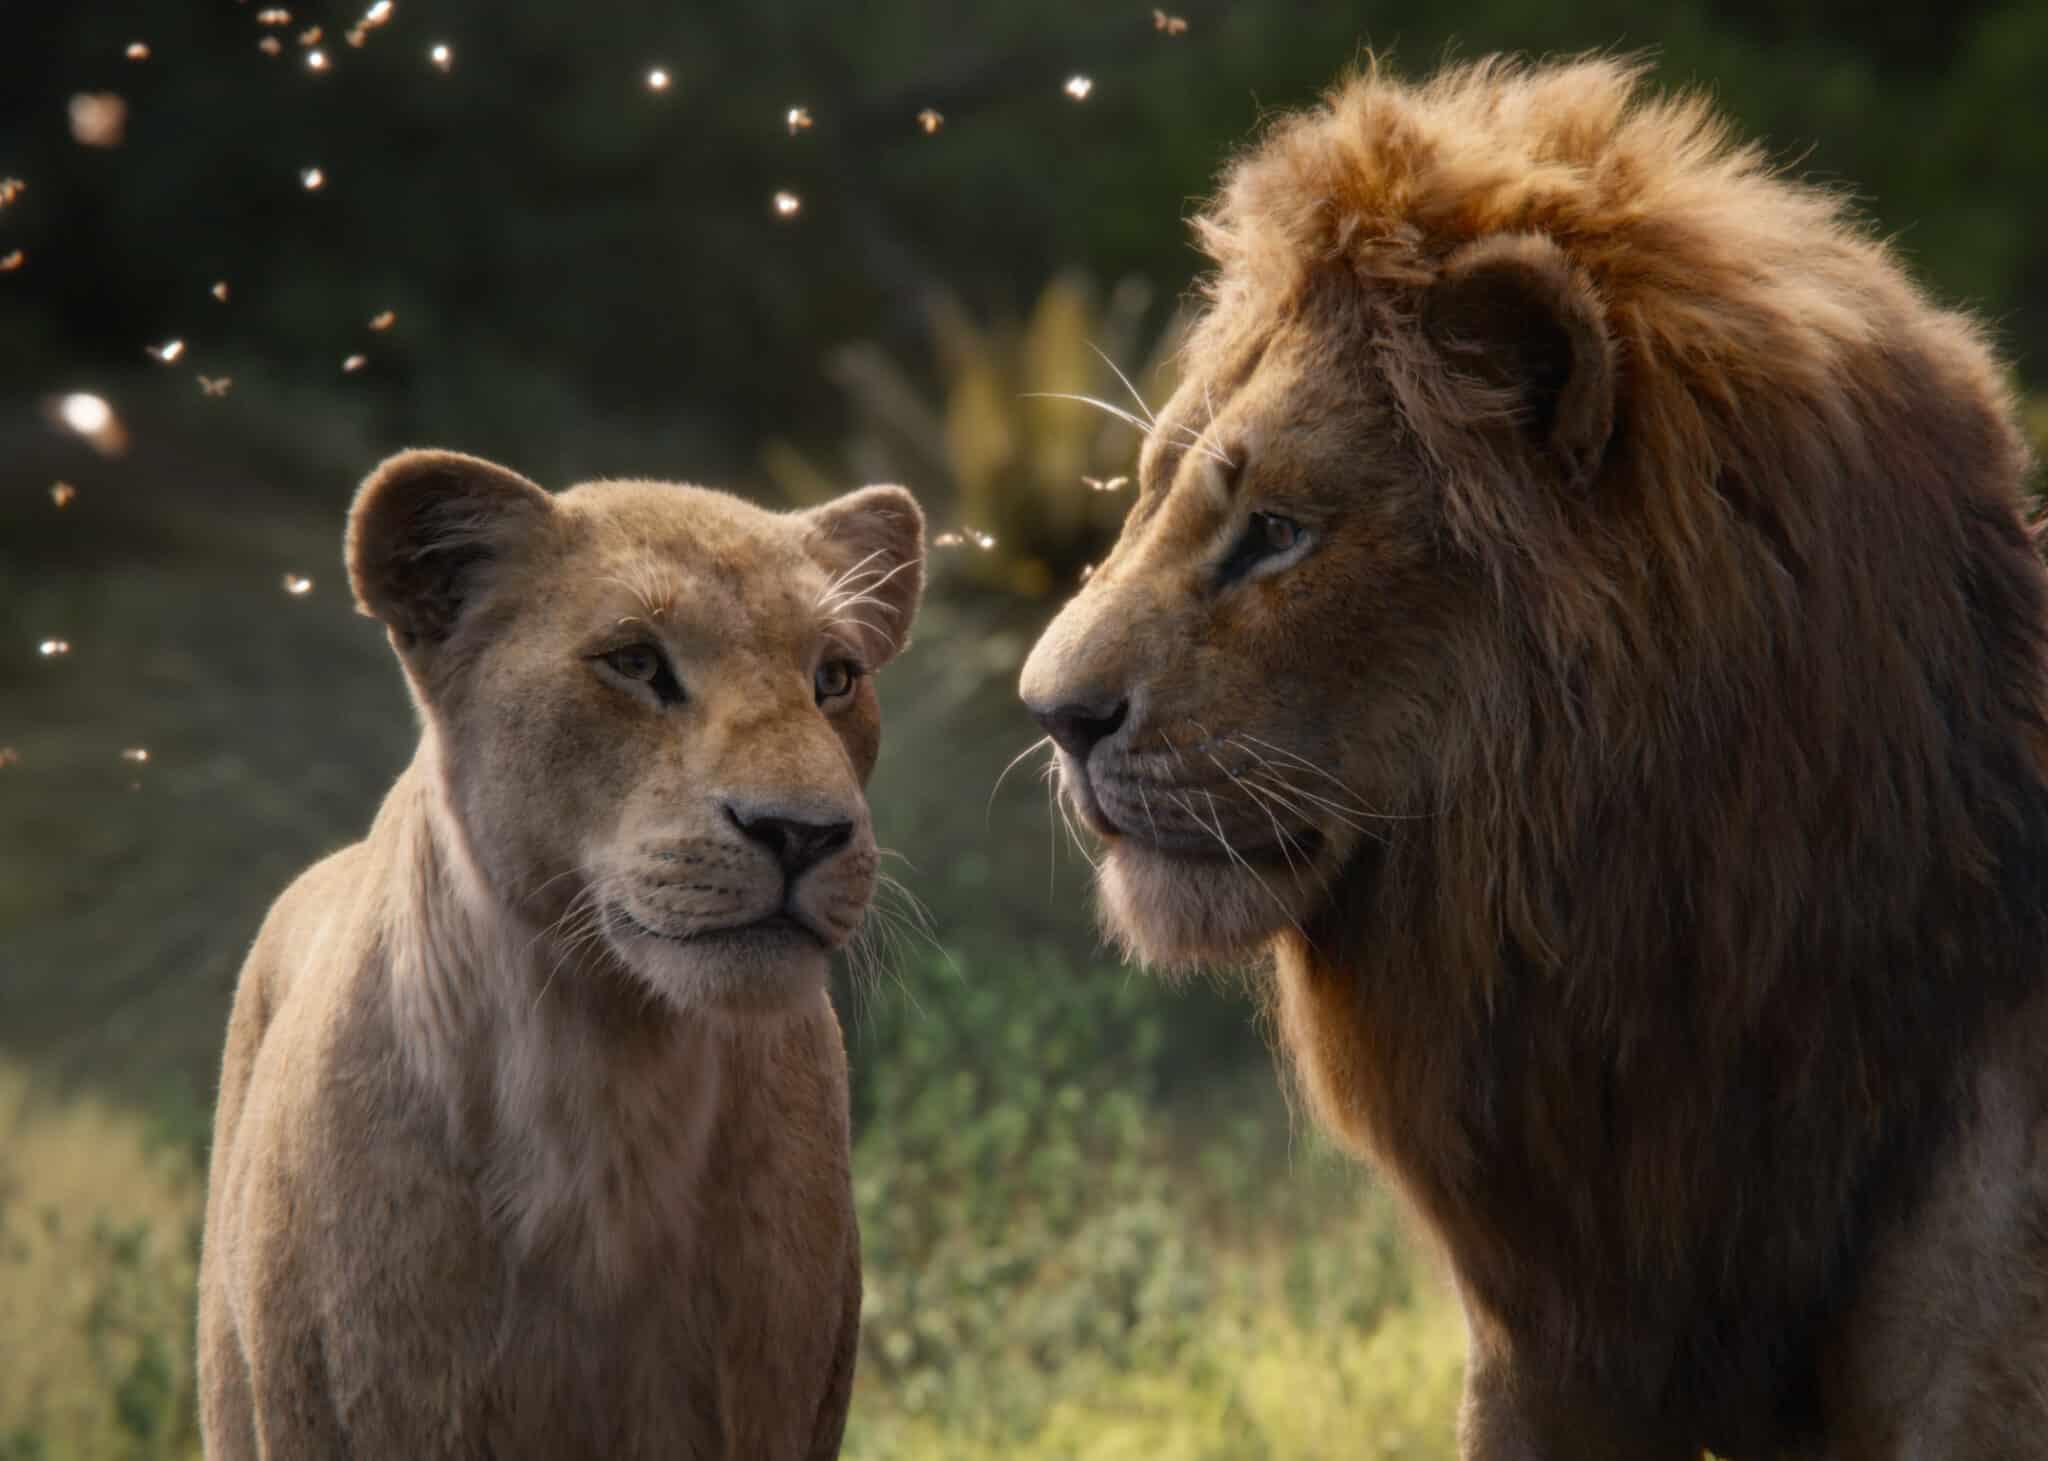 Король лев (2019): как снимался фильм, трейлер, кто сыграл главные роли. Премьера нового фильма